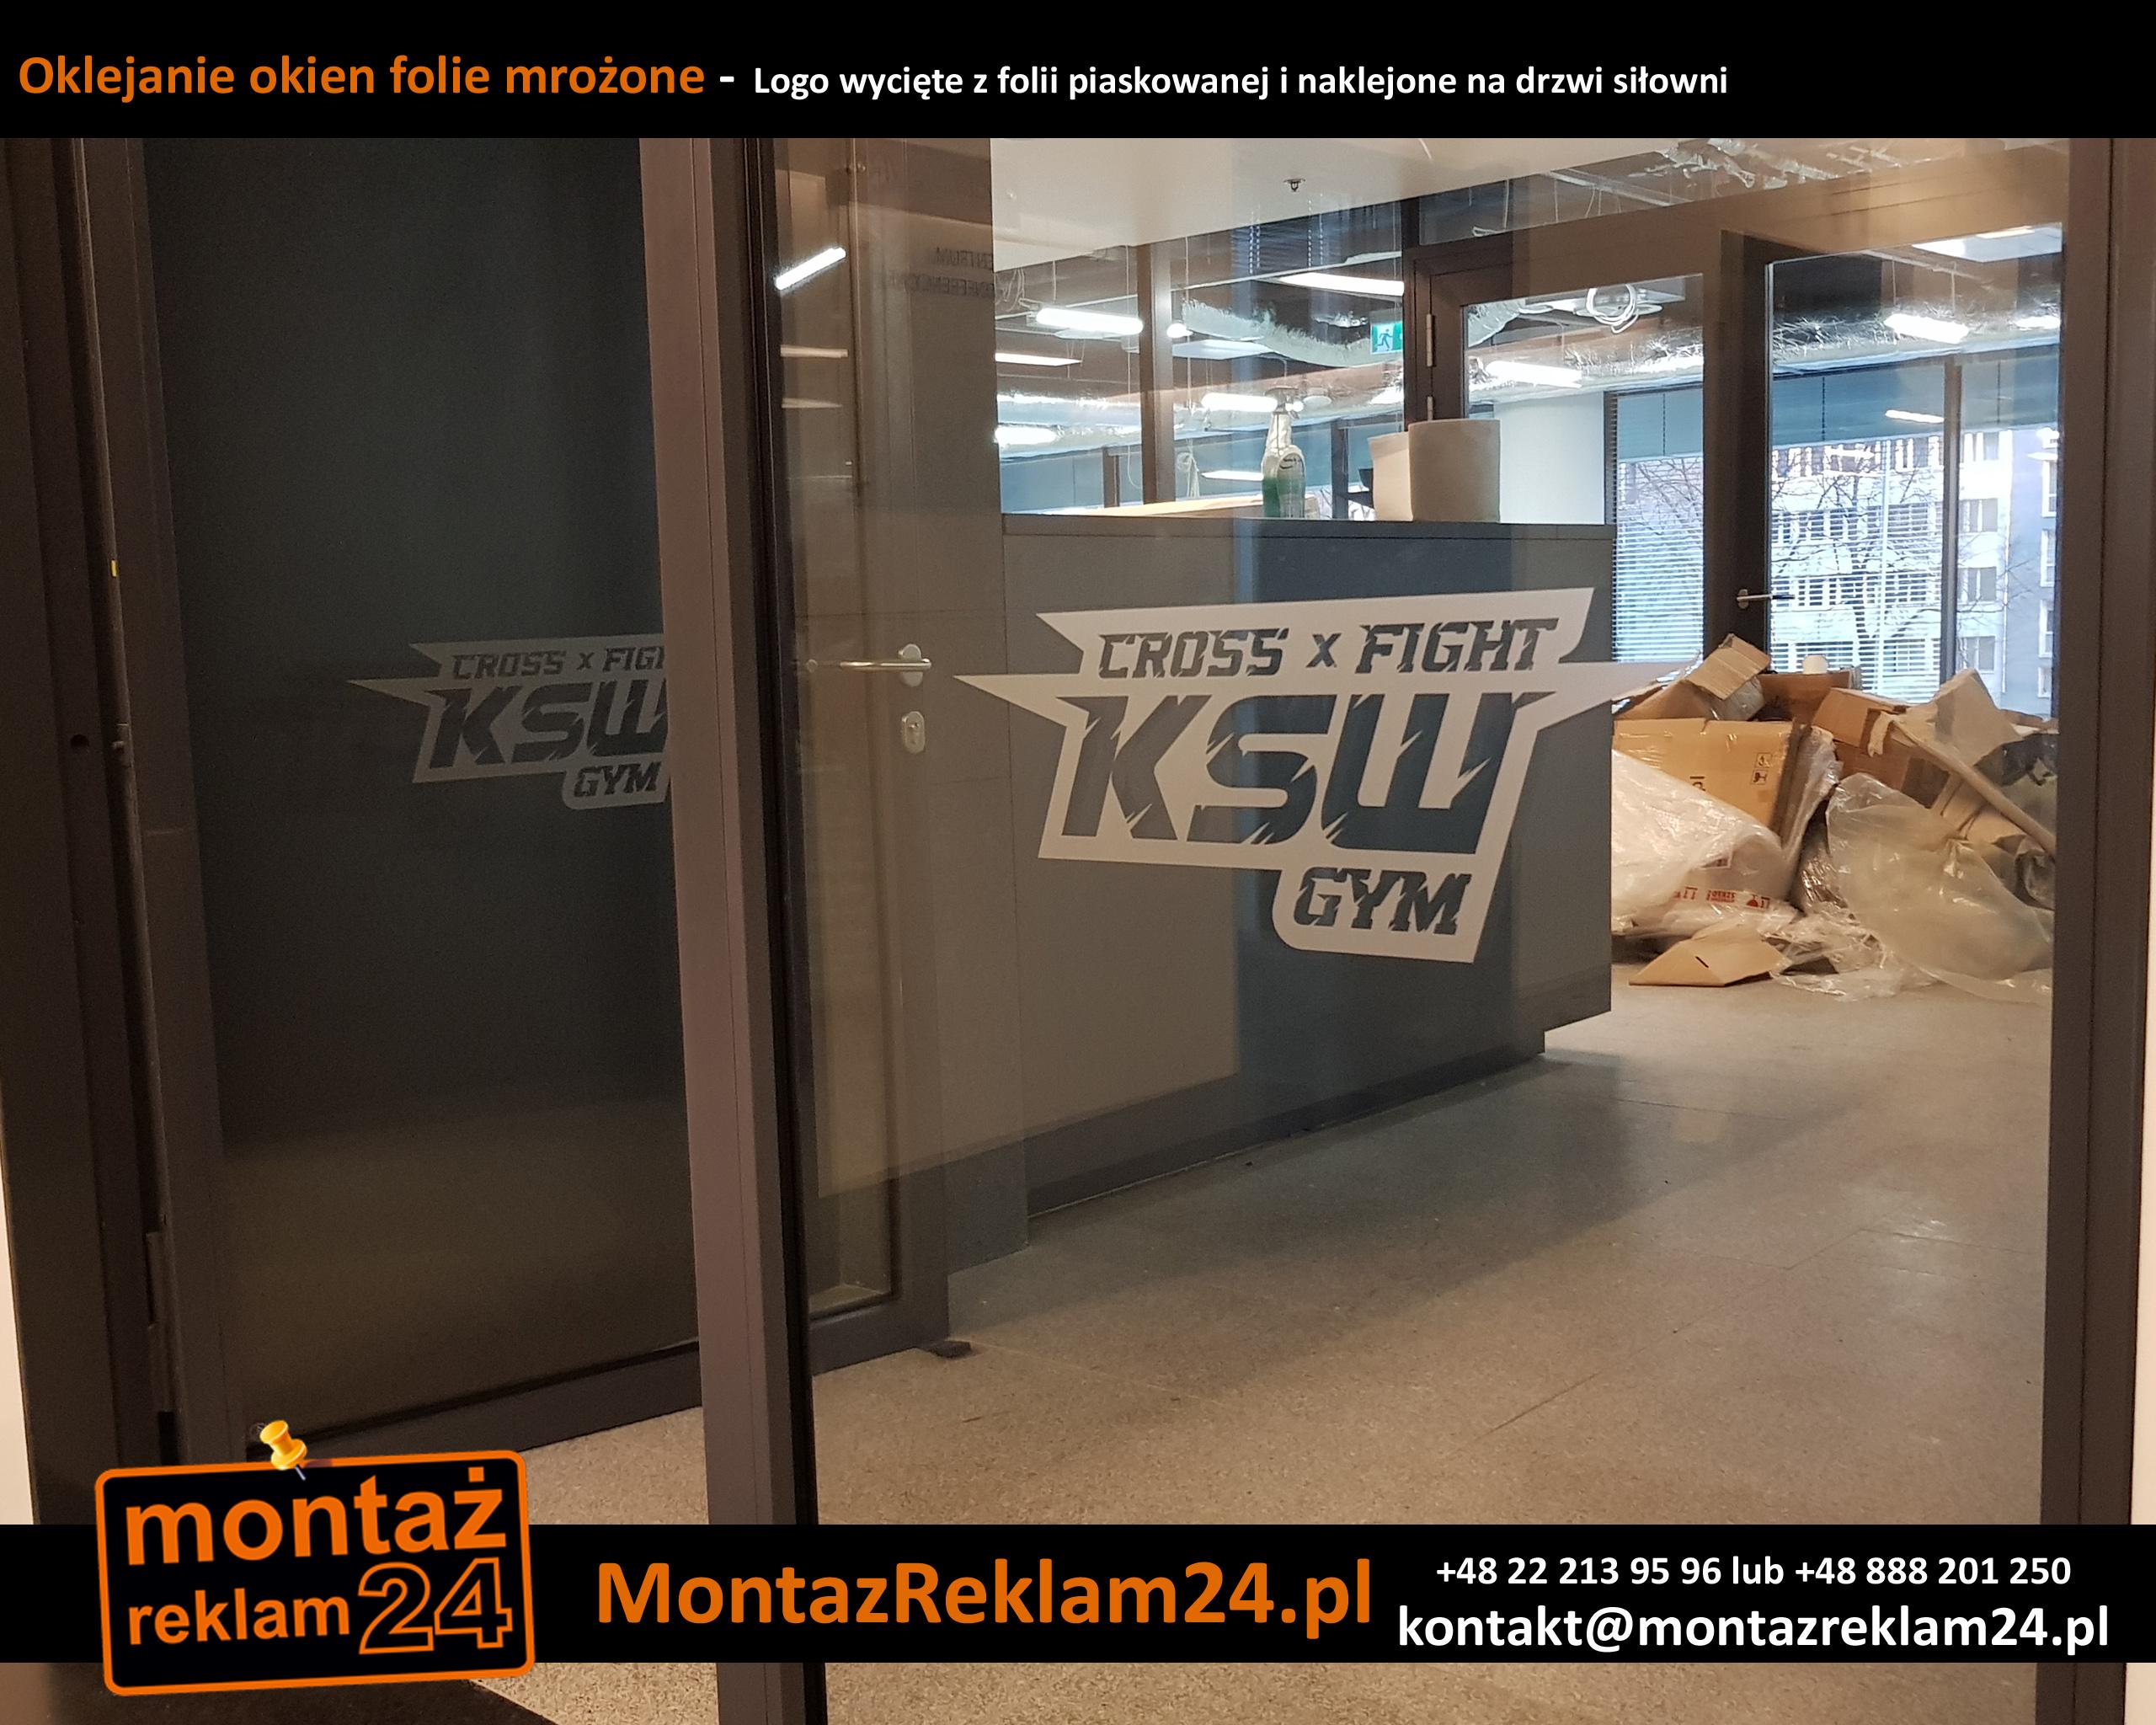 Oklejanie okien folie mrożone -  Logo wycięte z folii piaskowanej i naklejone na drzwi siłowni.jpg